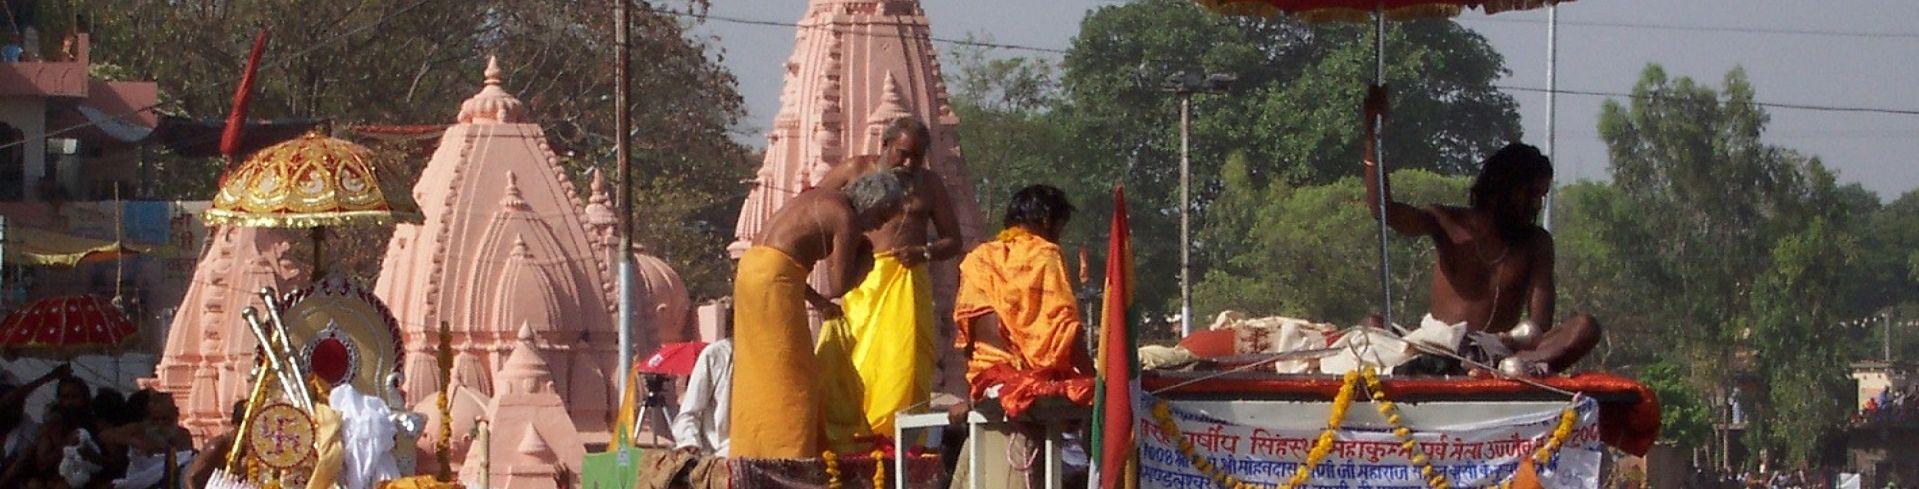 טיול מקיף להודו